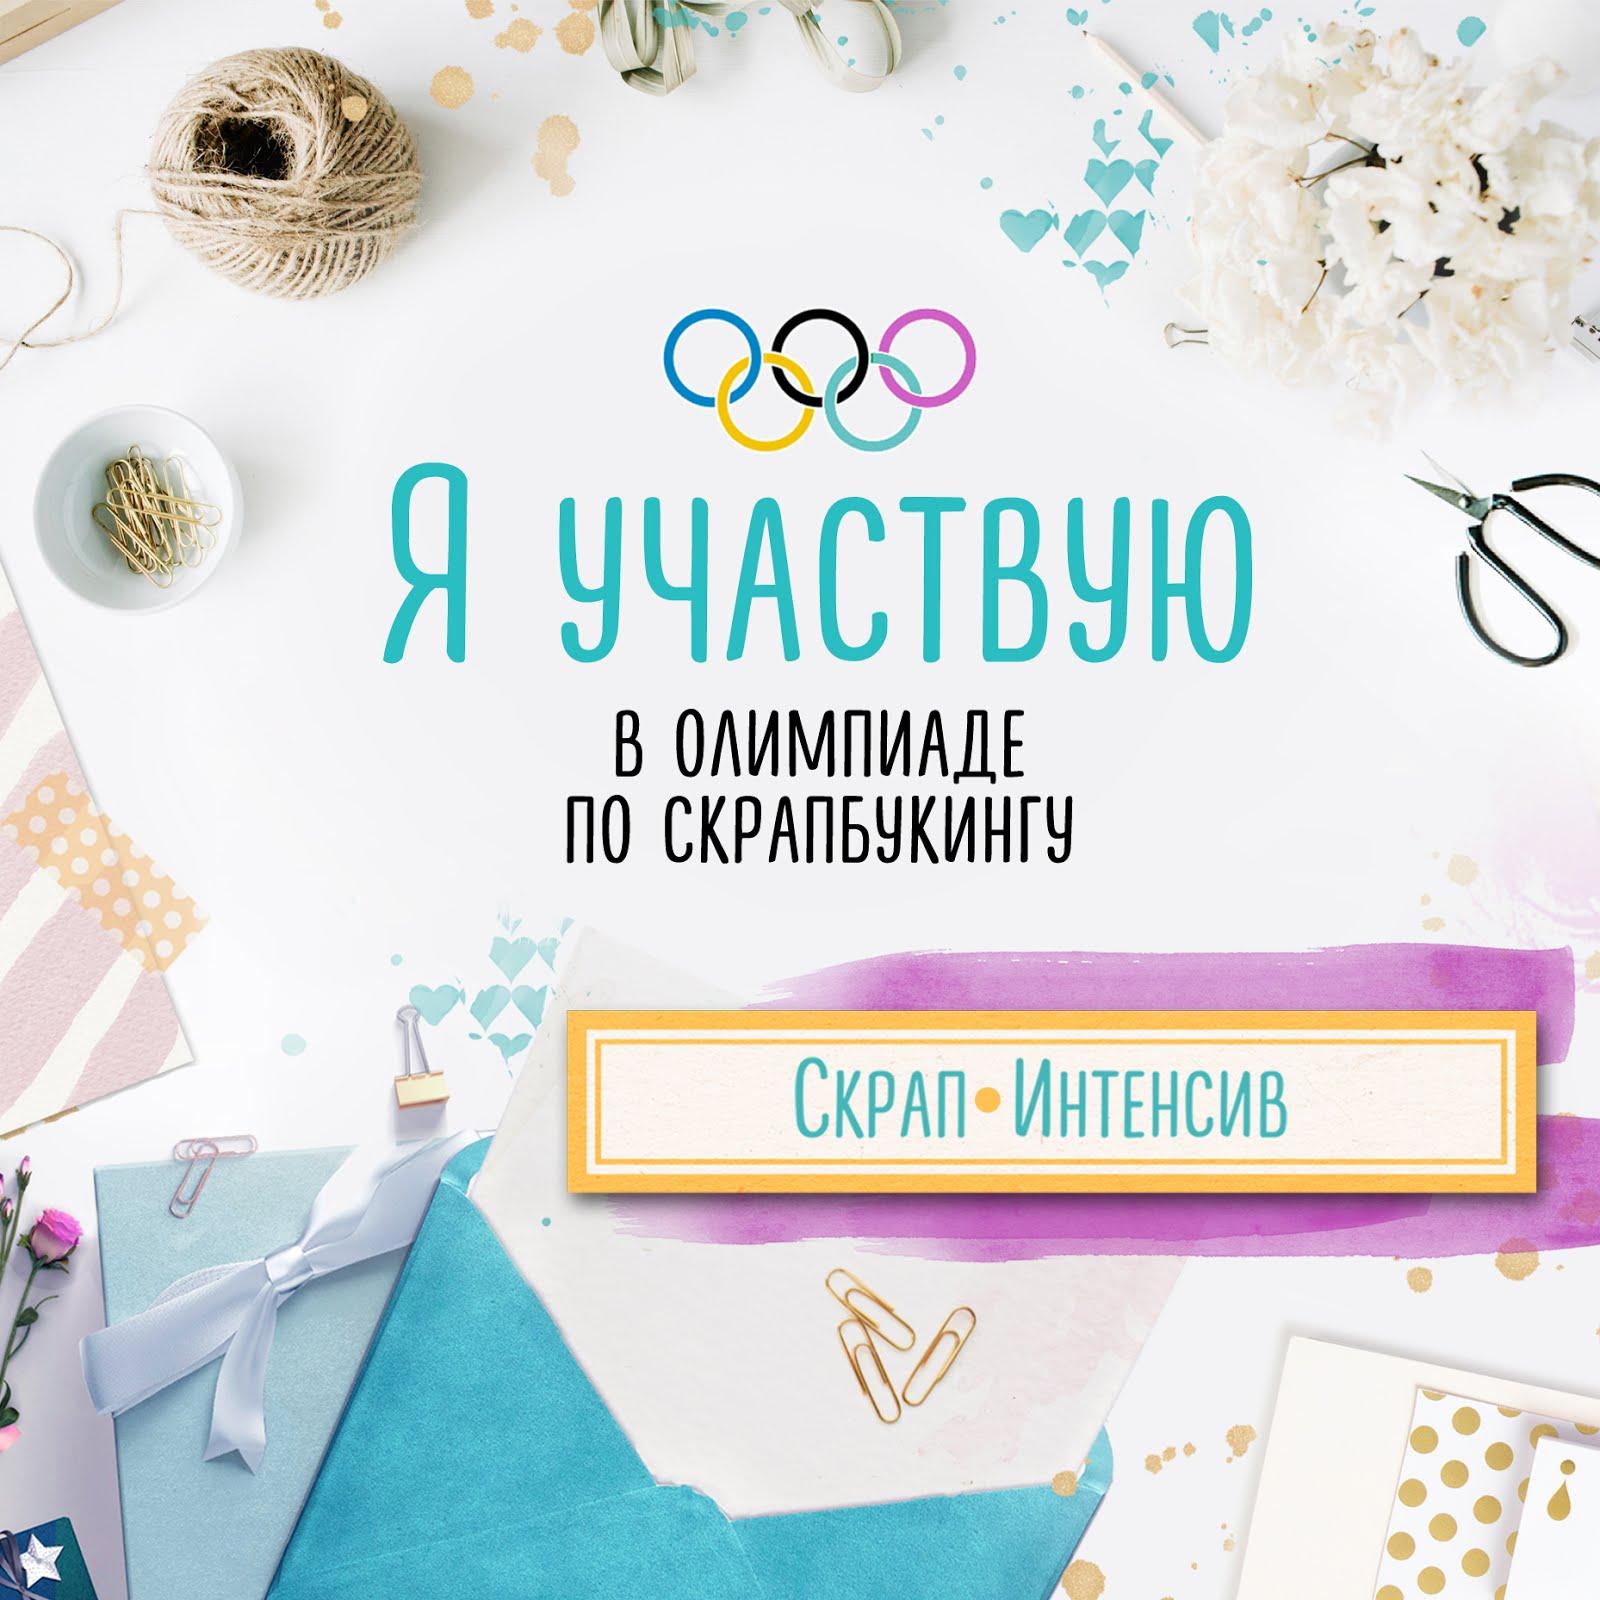 Я участвую в Олимпиаде по скрапбукингу!